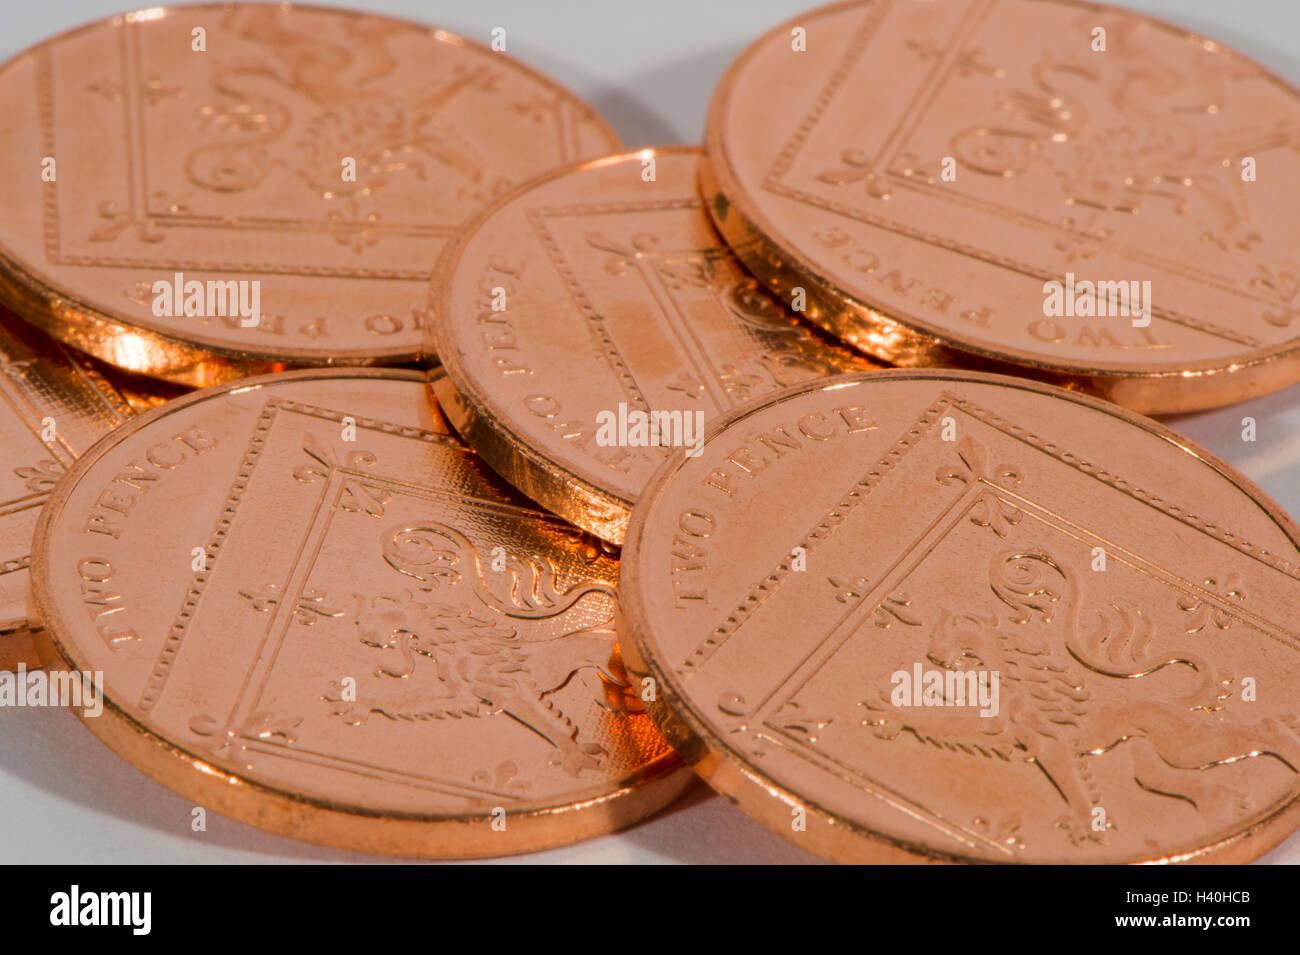 Flach Und überschneidungen Münzen 6 Glänzend Kupfer Zwei Pence